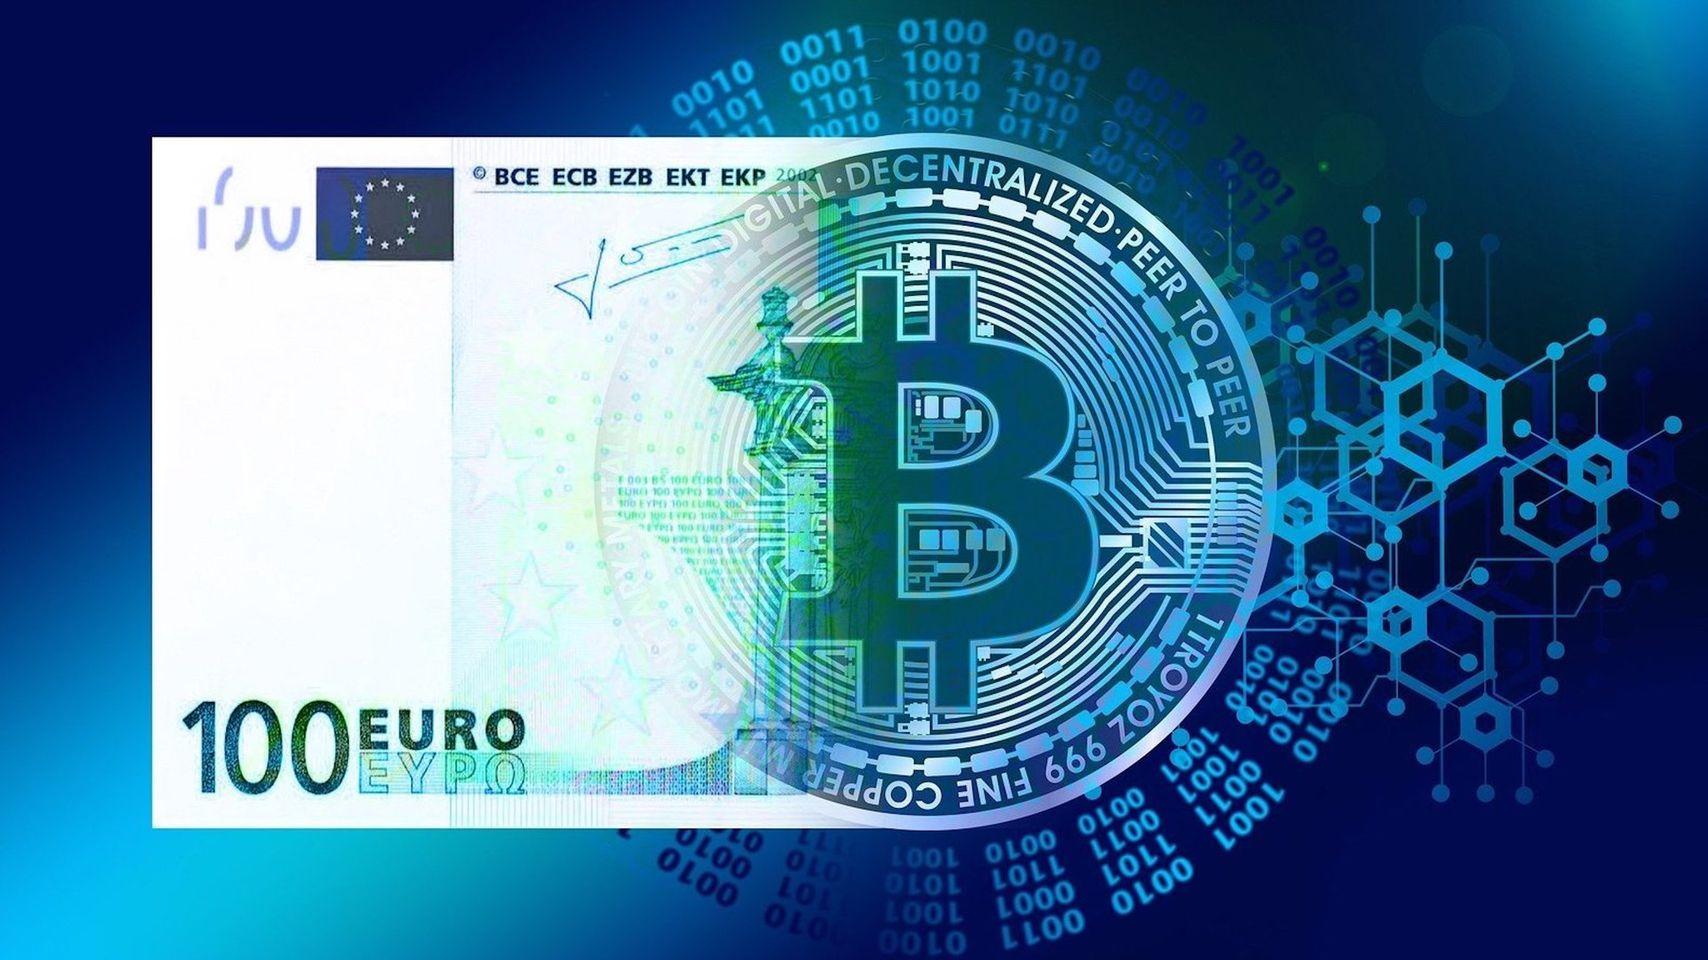 euro digital moneta digitale come comprare bitcoin facilmente al supermercato